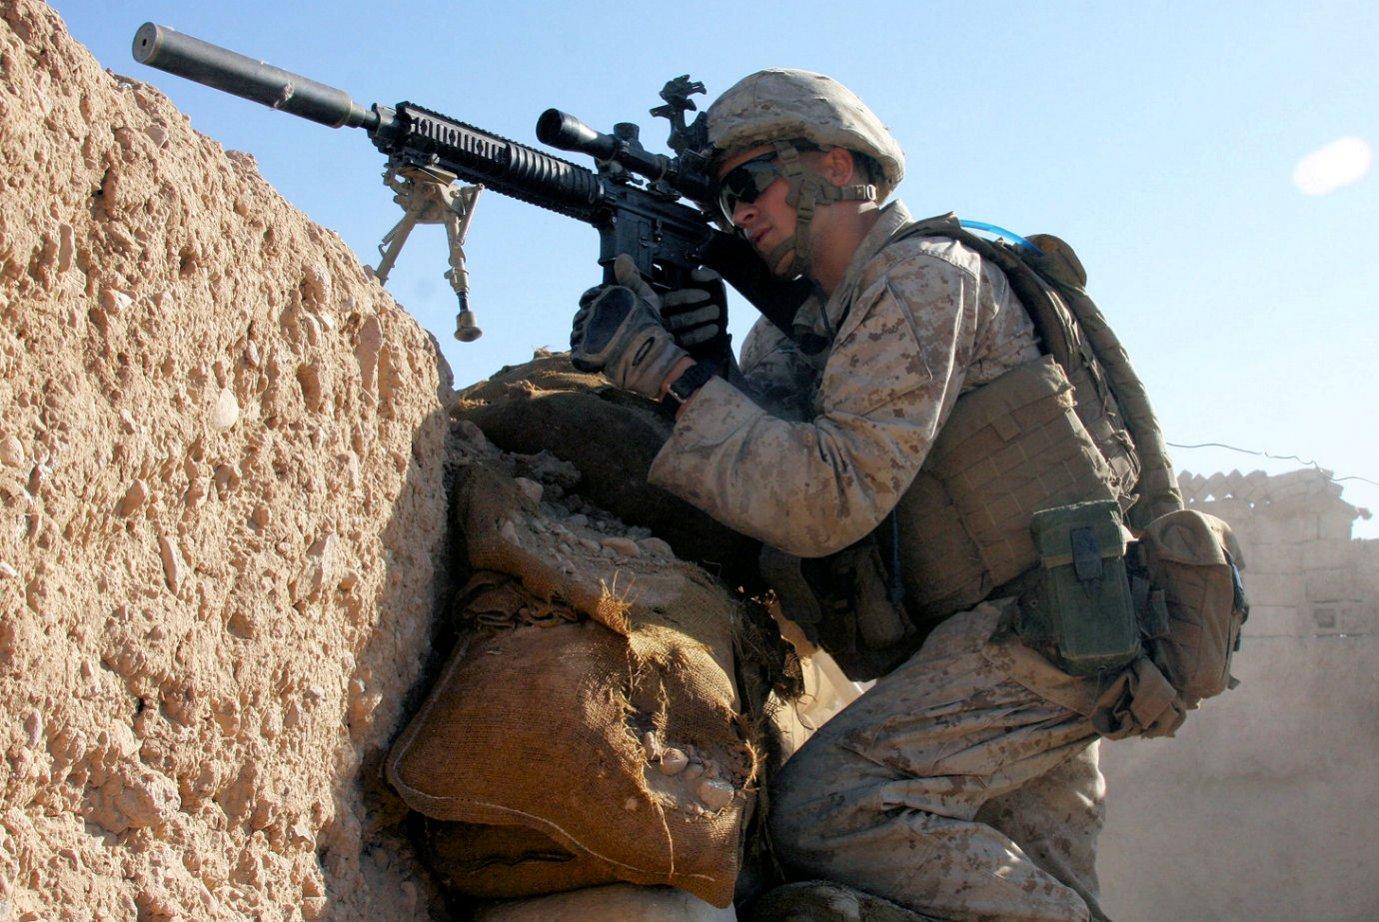 Click image for larger version.  Name:Lance Cpl Steven J Zandstra Nov 1 2010 Sangin Afghanistan.jpg Views:85 Size:274.2 KB ID:448554